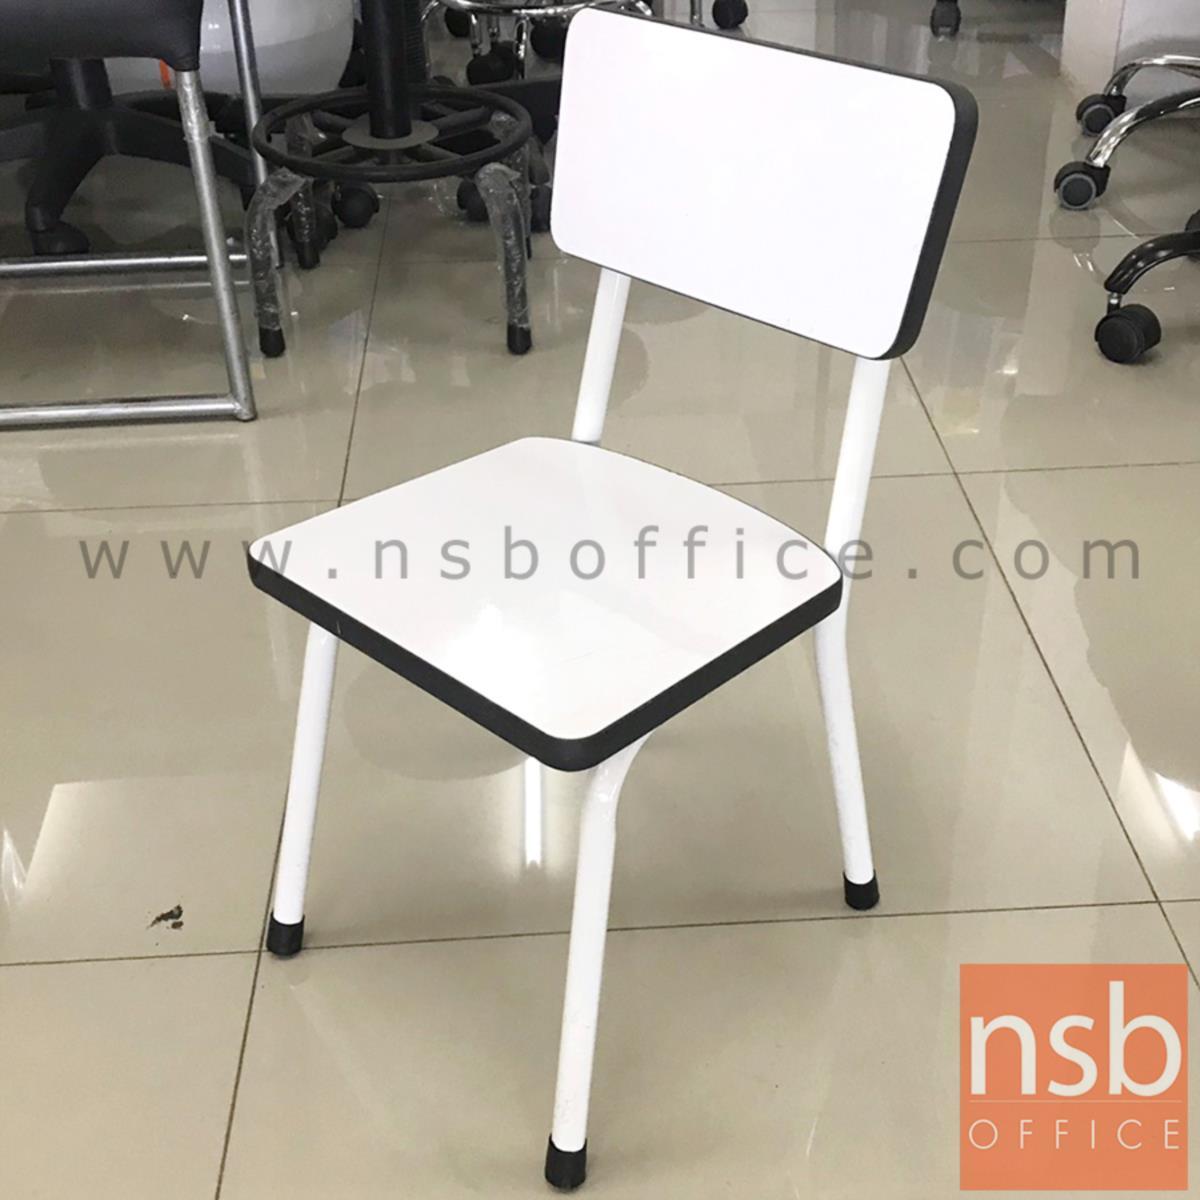 L02A283:เก้าอี้เด็กหน้าโฟเมก้า รุ่น NSB-KID2 ขนาด 27.5W*55H cm. (STOCK-1 ตัว)